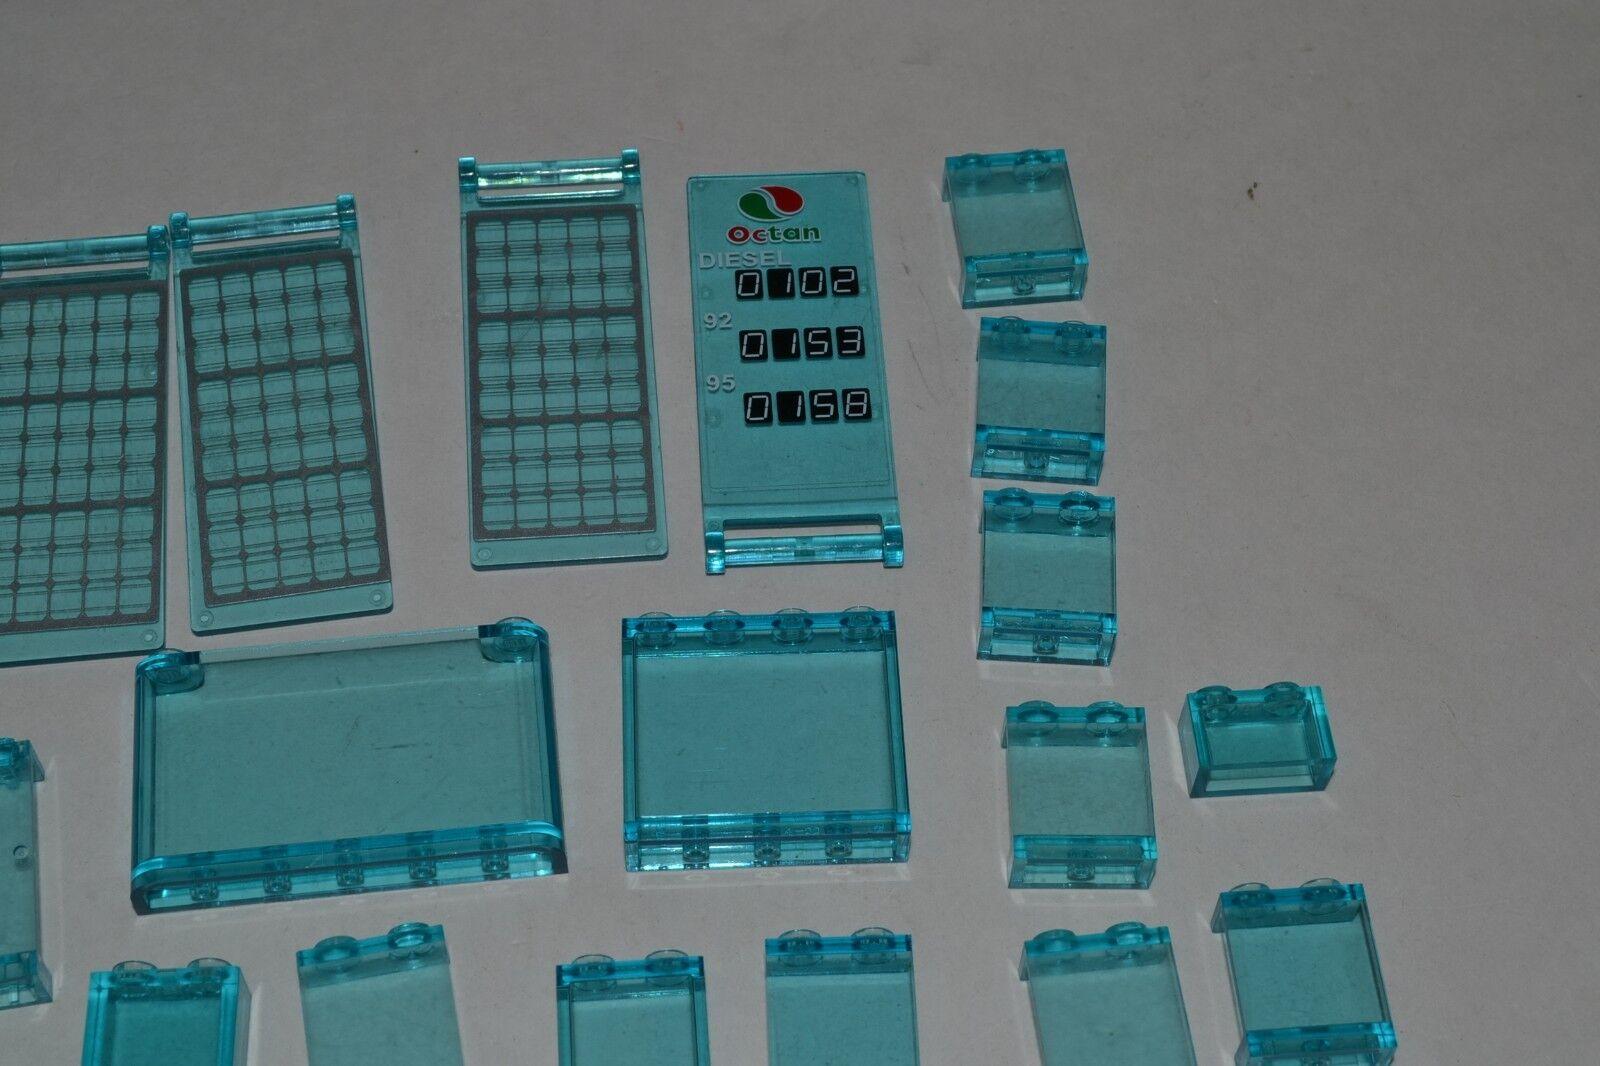 Lego Lot ADGP of Transparent Trans-Blau Panels Walls Parts Windows ADGP Lot 605a63